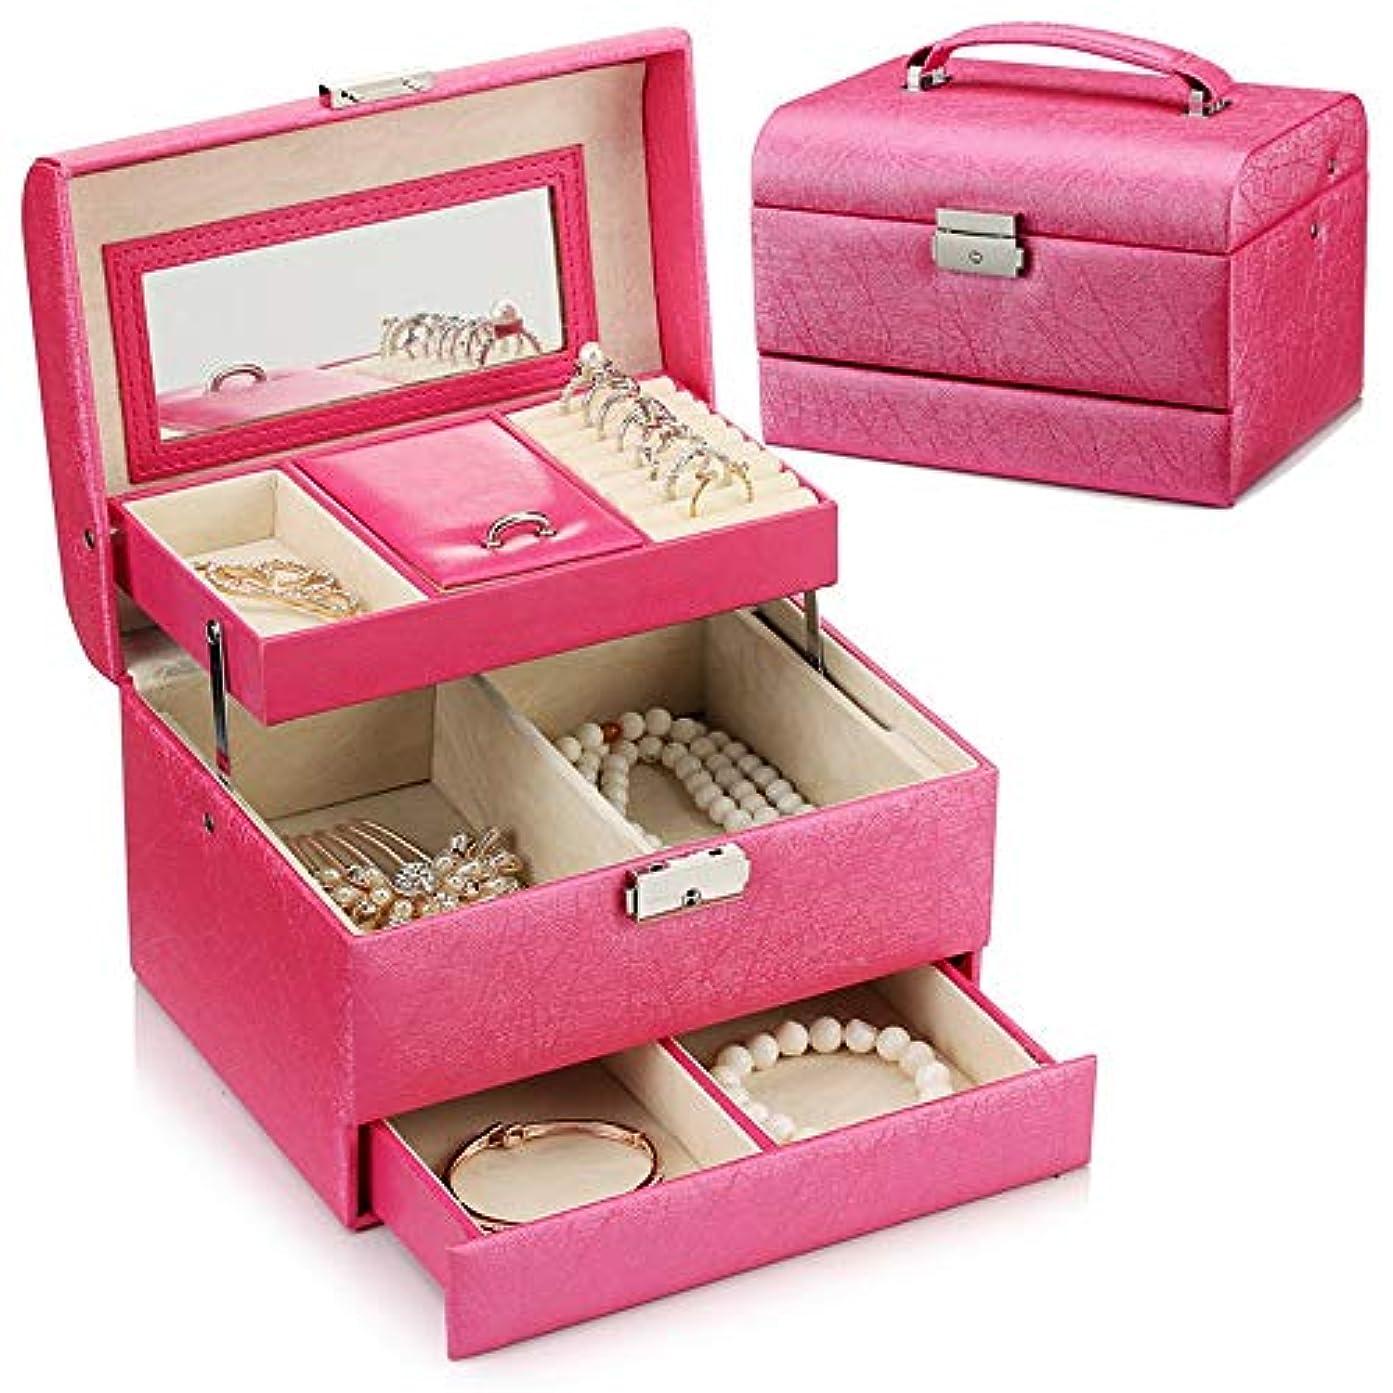 グリーンランドお手伝いさん切り離す特大スペース収納ビューティーボックス 女の子の女性旅行のための新しく、実用的な携帯用化粧箱およびロックおよび皿が付いている毎日の貯蔵 化粧品化粧台 (色 : ローズレッド)